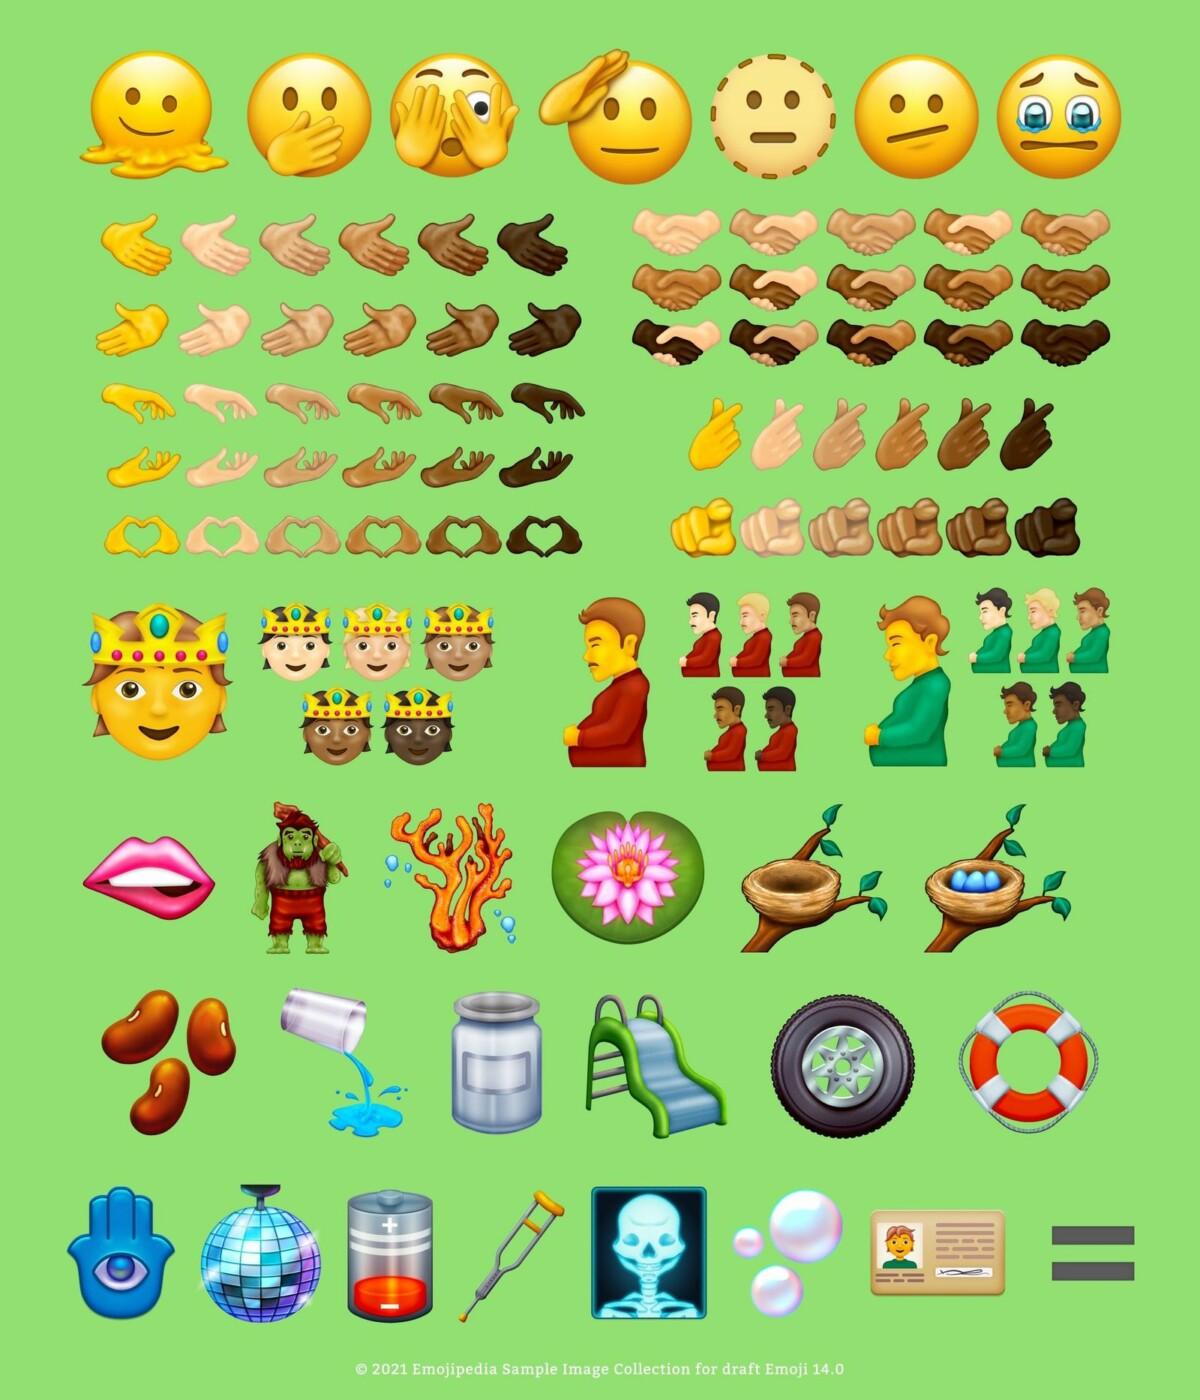 Ilustrasi Emoji yang disarankan untuk versi 14 // Sumber: Emojipedia